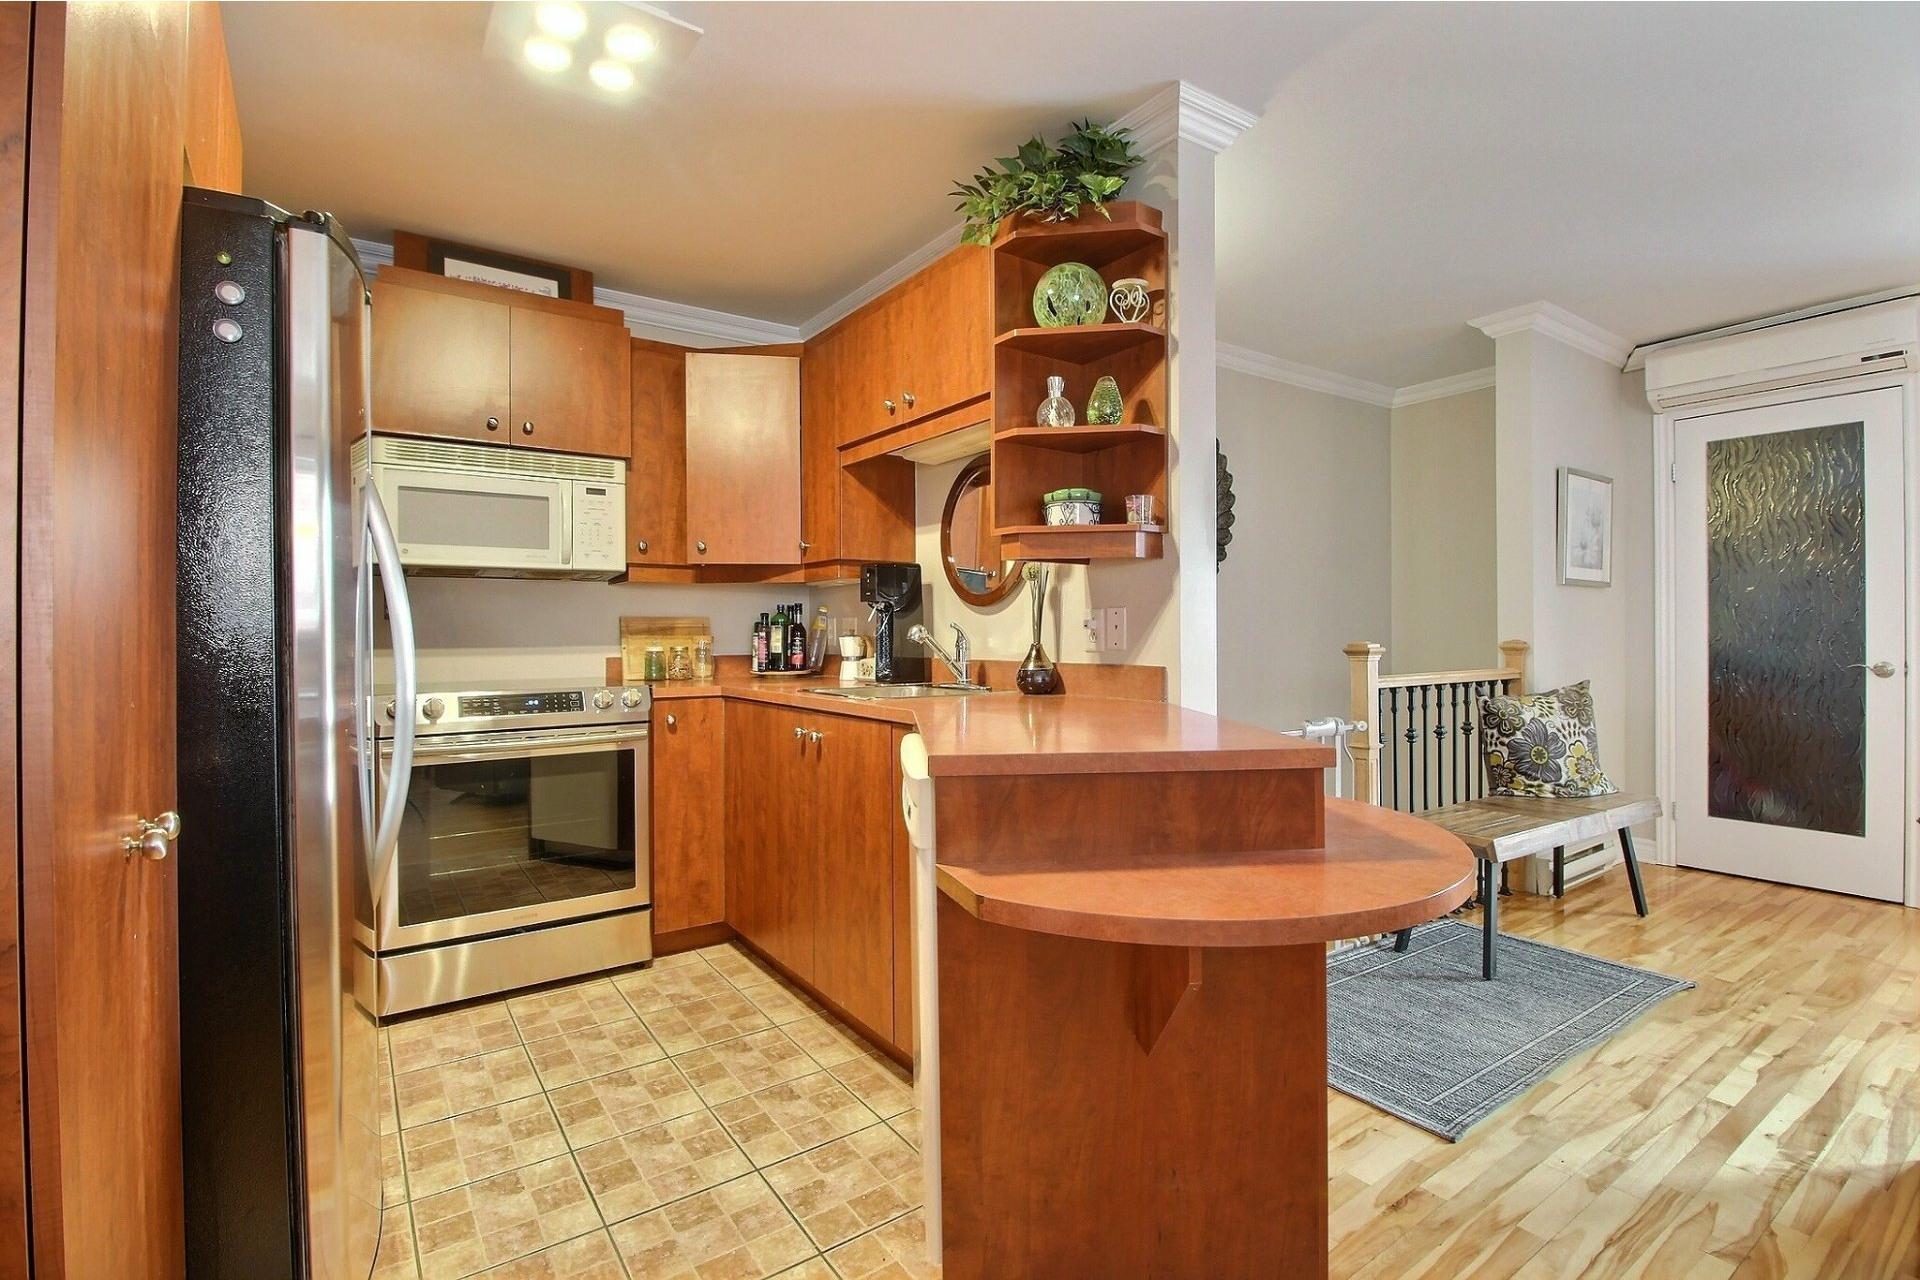 image 8 - Appartement À vendre Rivière-des-Prairies/Pointe-aux-Trembles Montréal  - 7 pièces